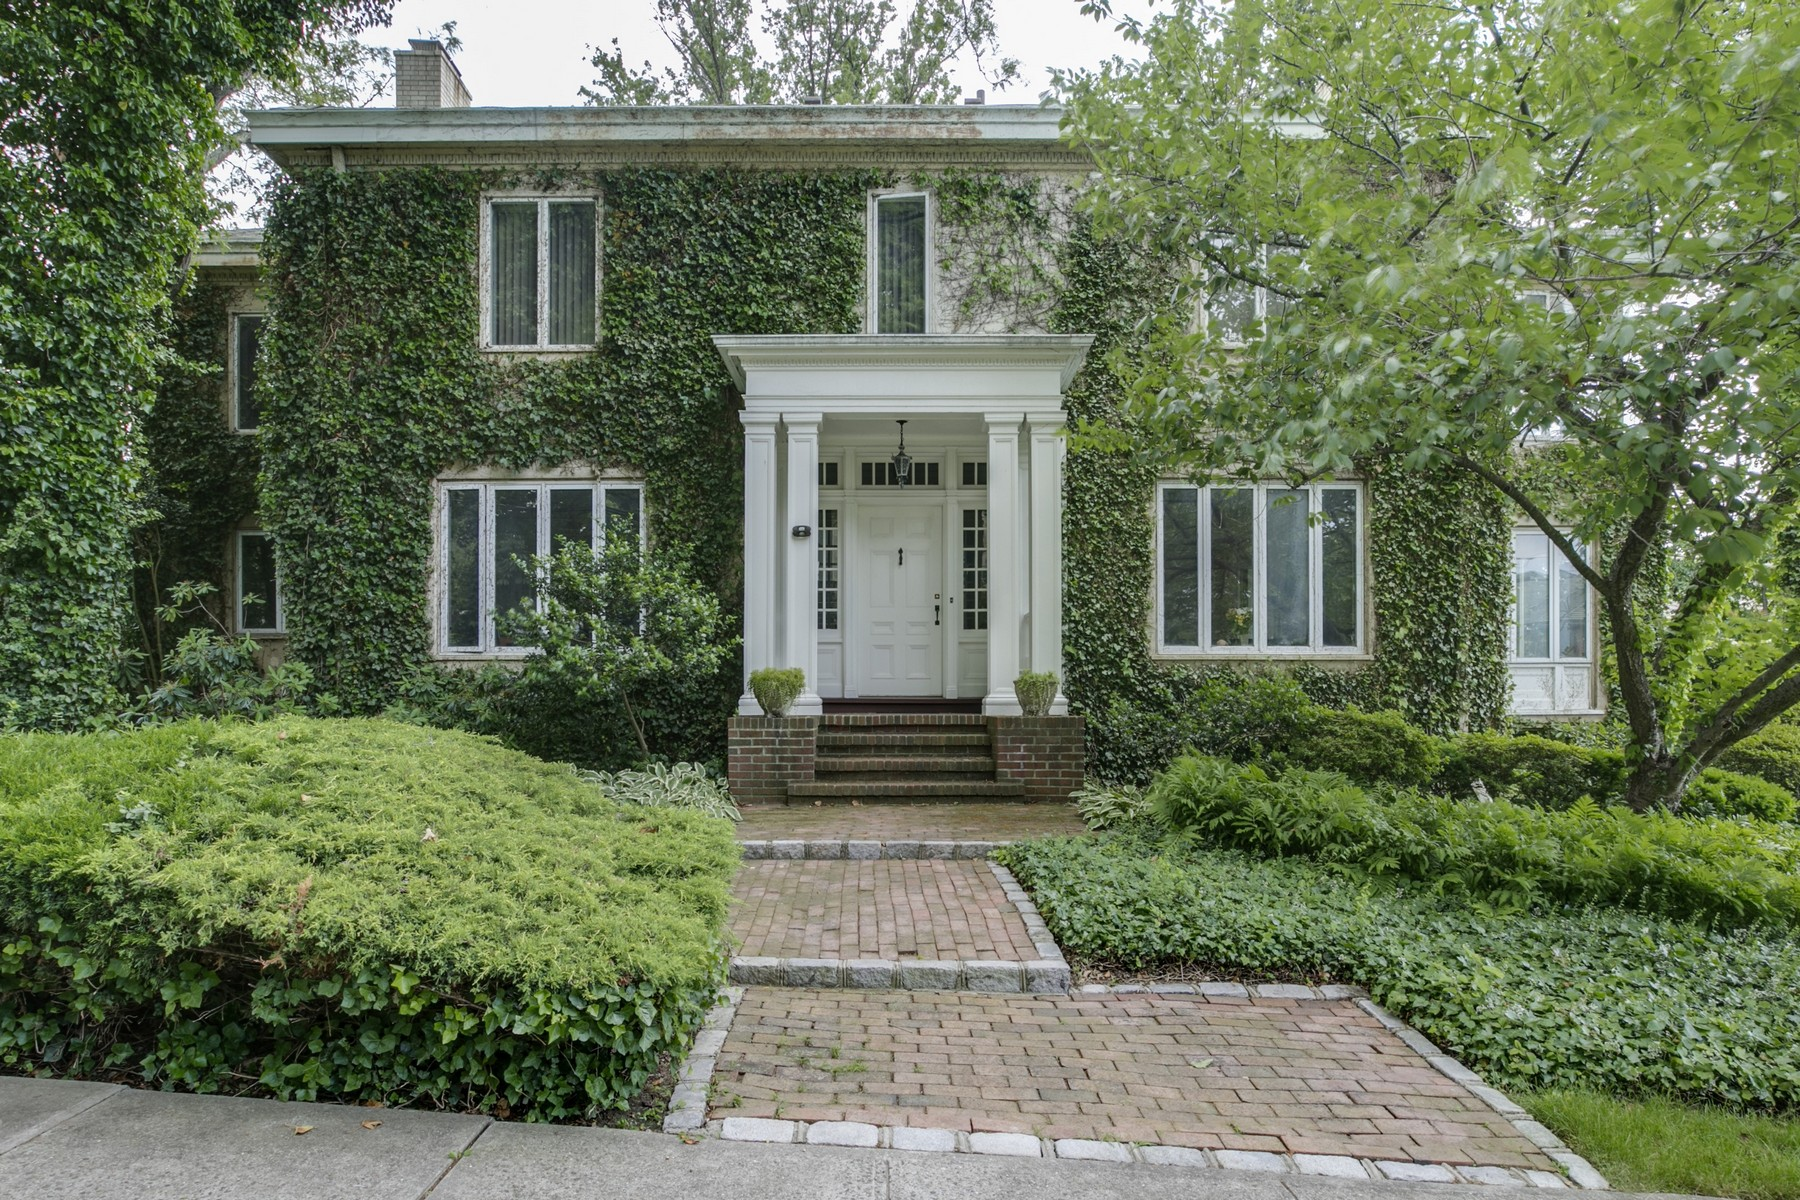 独户住宅 为 销售 在 Colonial 8 Grosvenor St 道格拉斯顿, 纽约州, 11363 美国